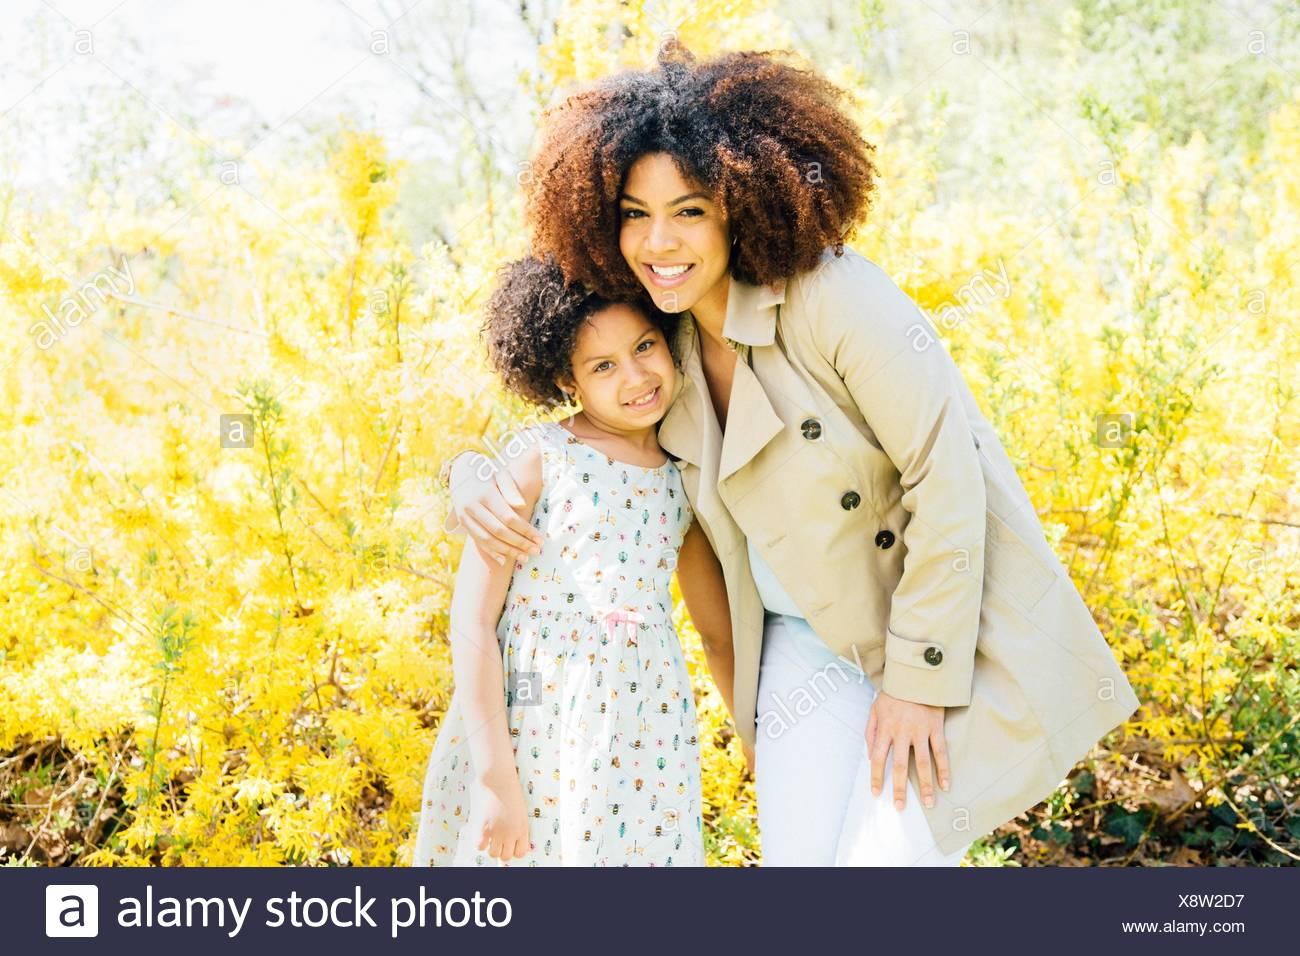 Portrait de Mère avec bras autour de fille, looking at camera, smiling Photo Stock